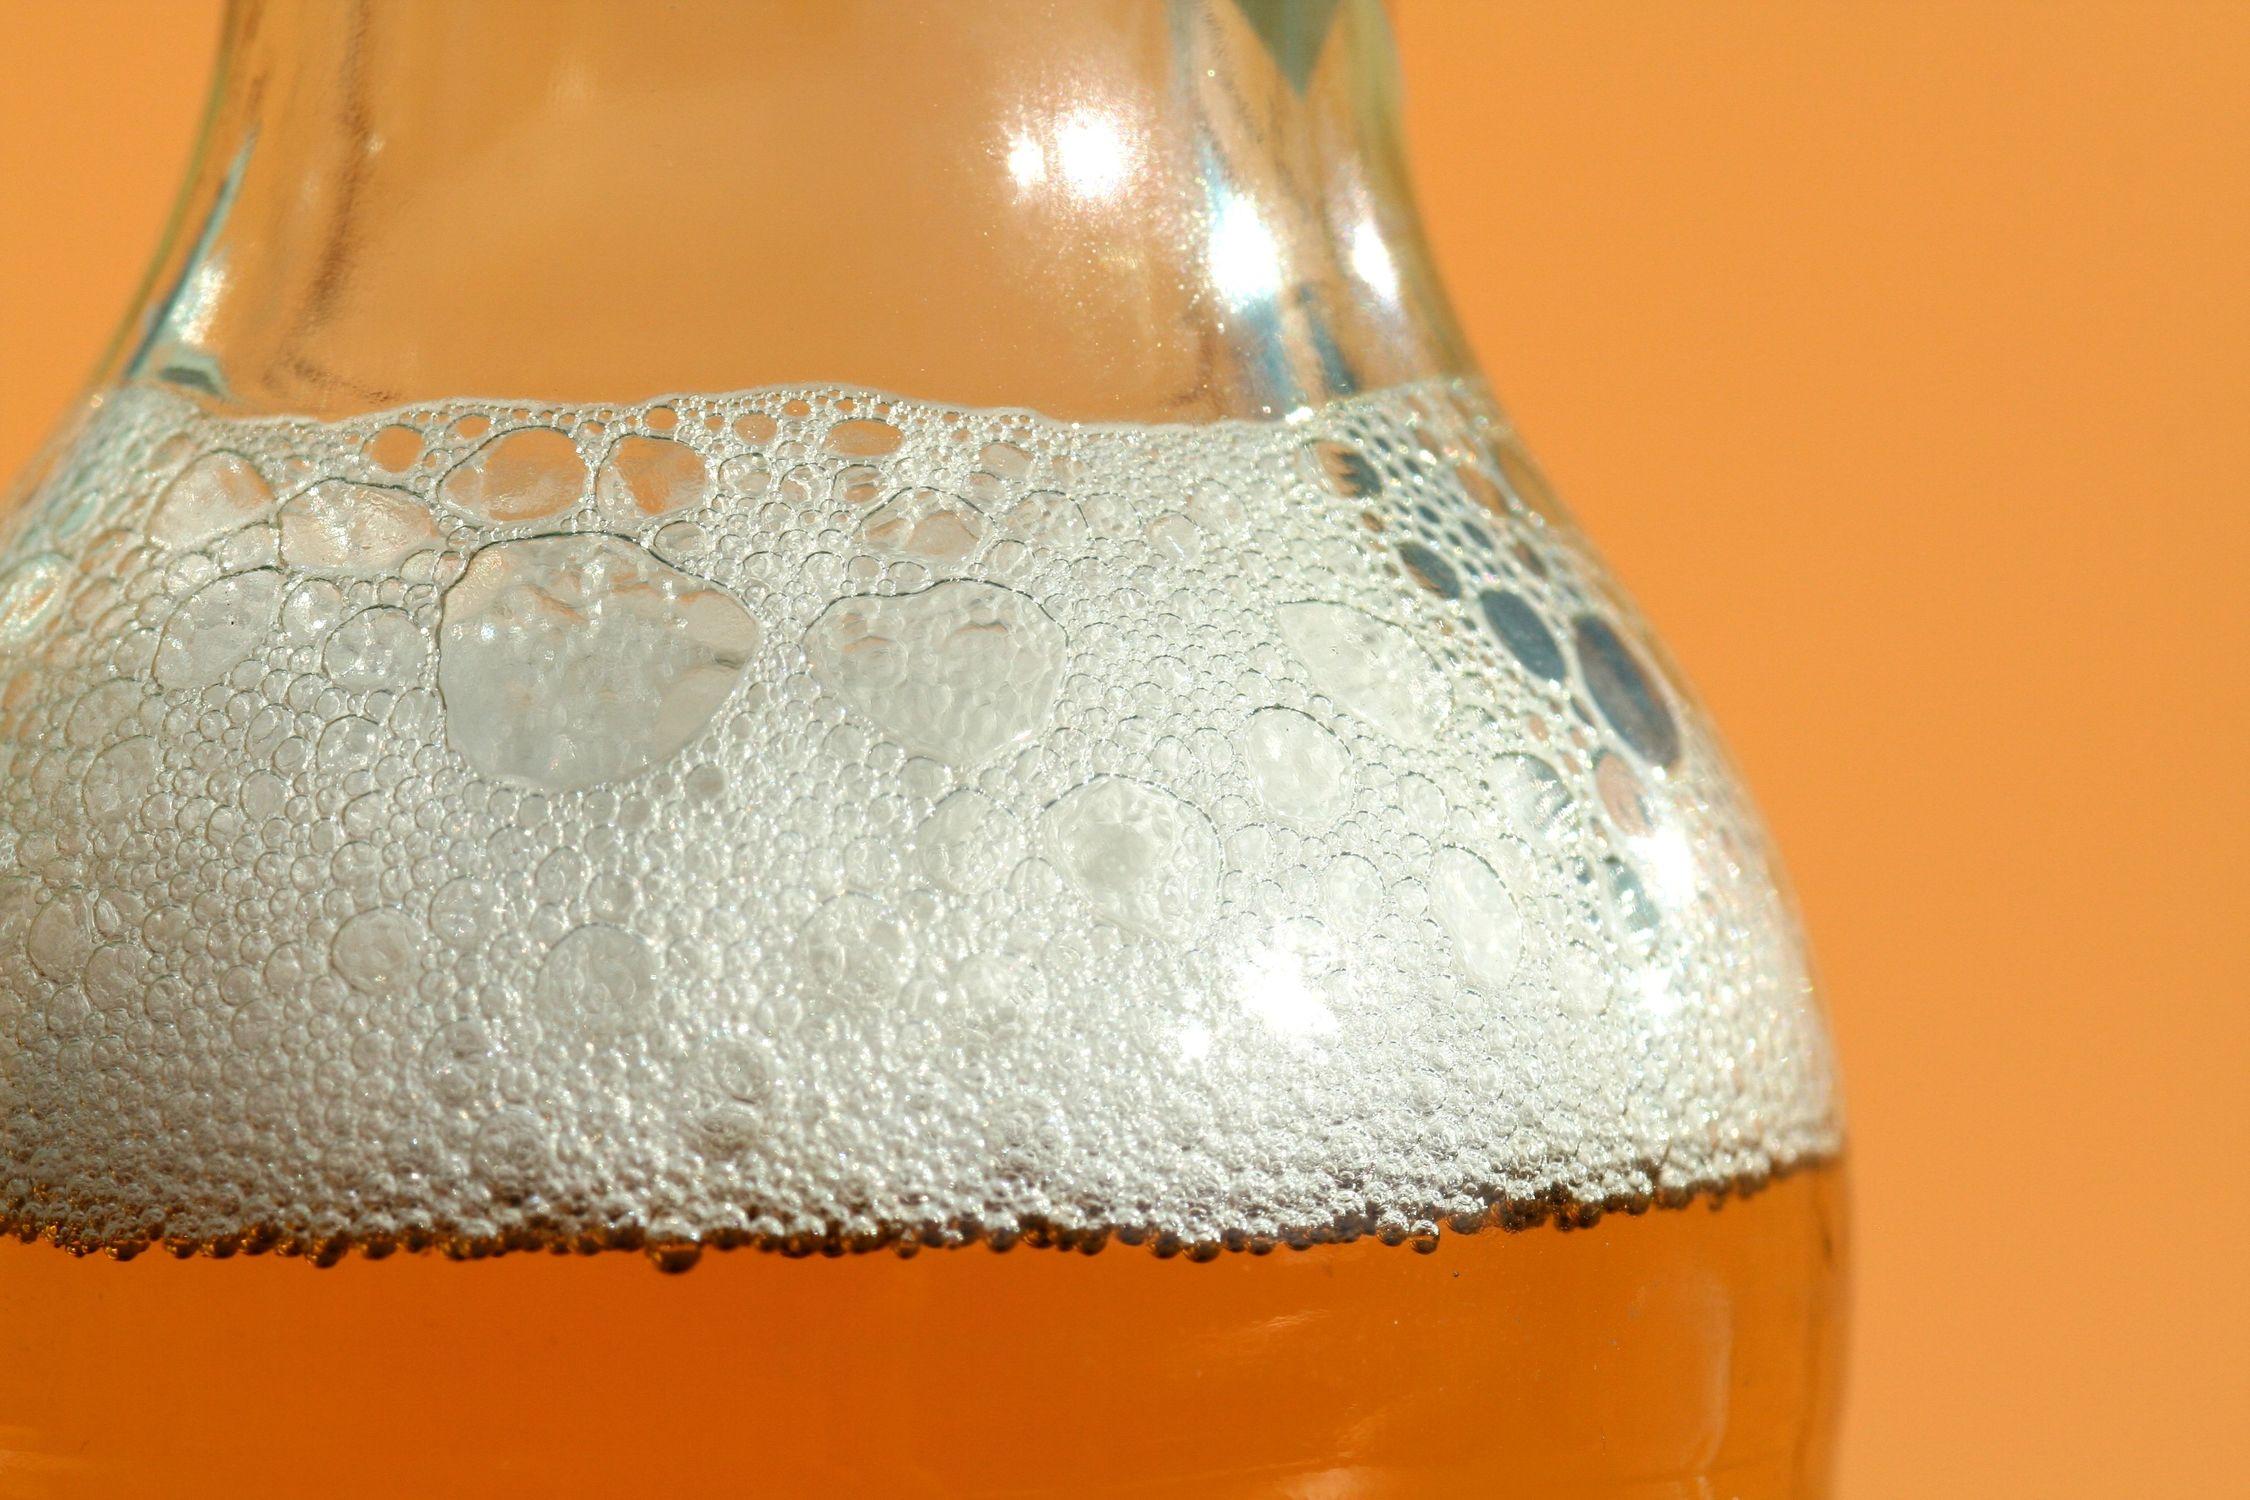 Bild mit Gegenstände, Lebensmittel, Trinken, Getränke, Alkohol, Küchenbild, Bottle, Bier, Küchenbilder, Küche